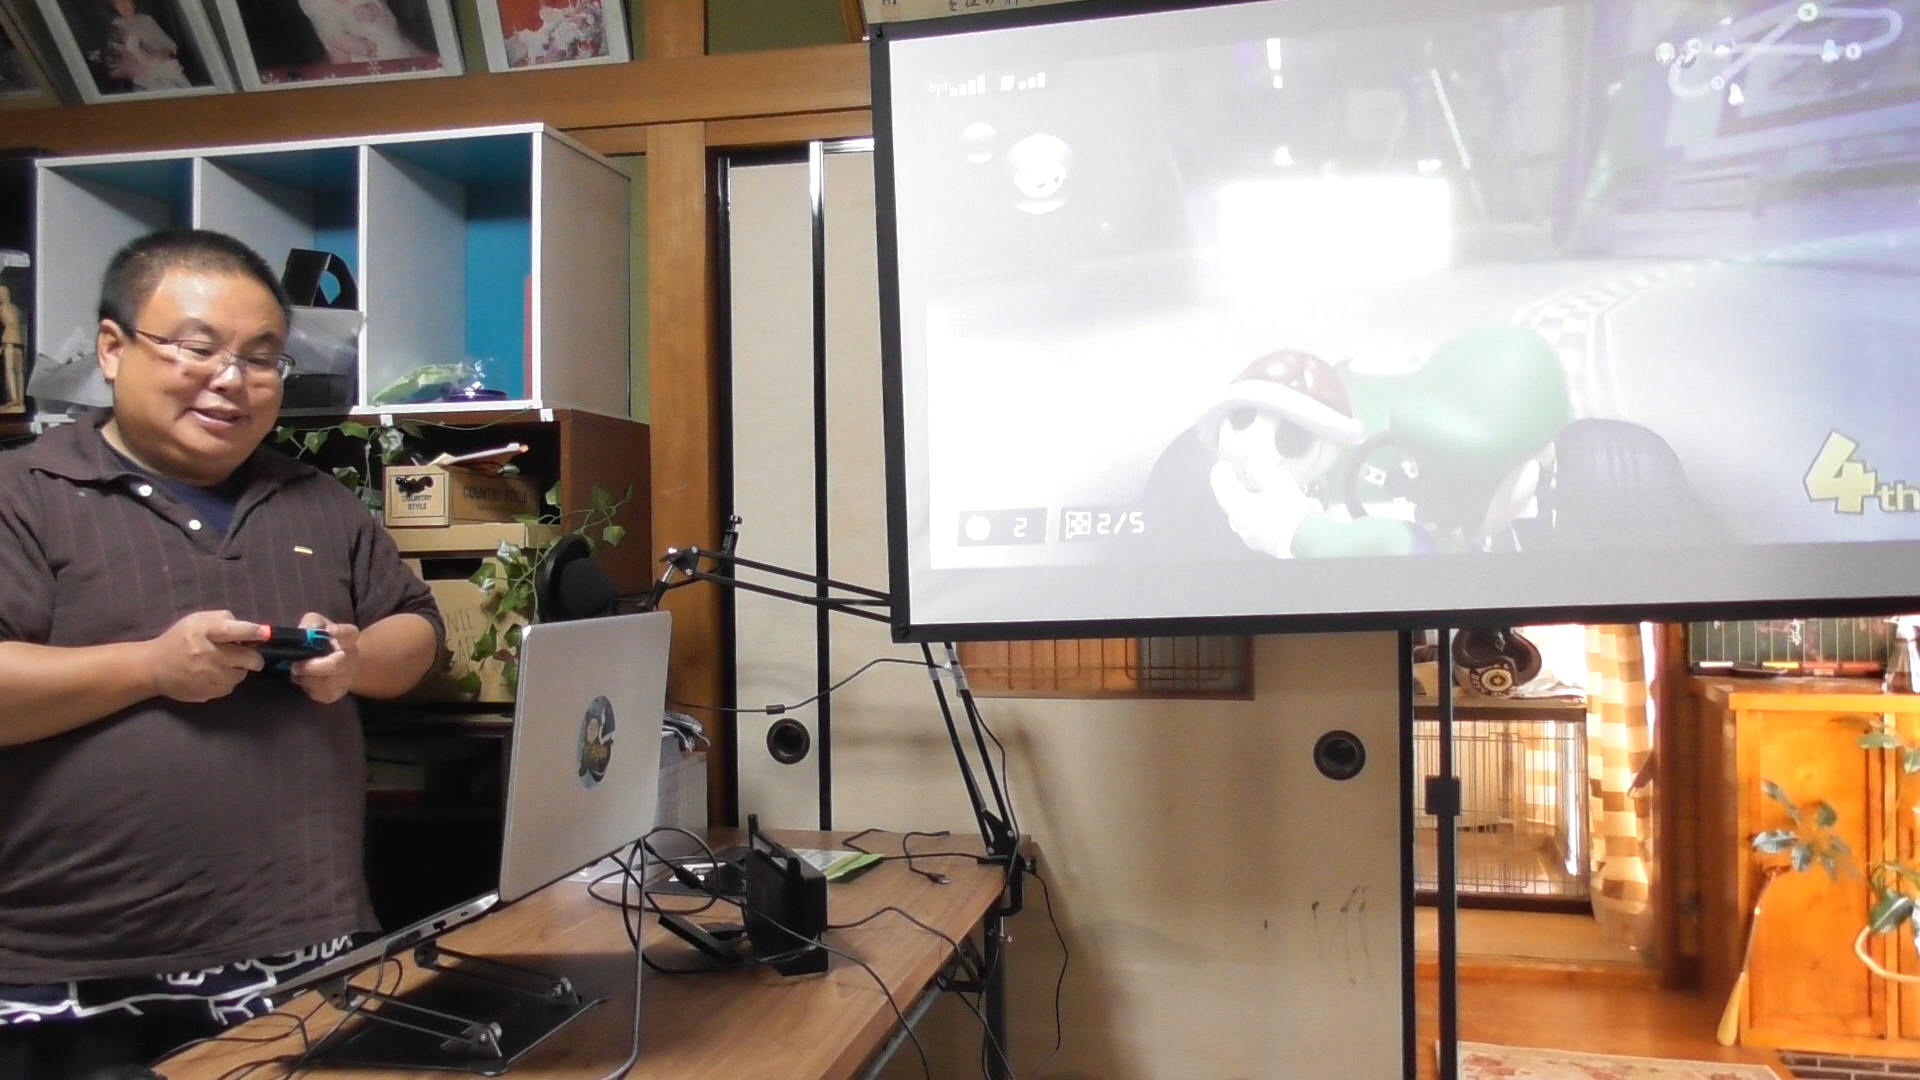 実際のプレイ画面、現実世界を走っているカート、その様子を映したプロジェクター